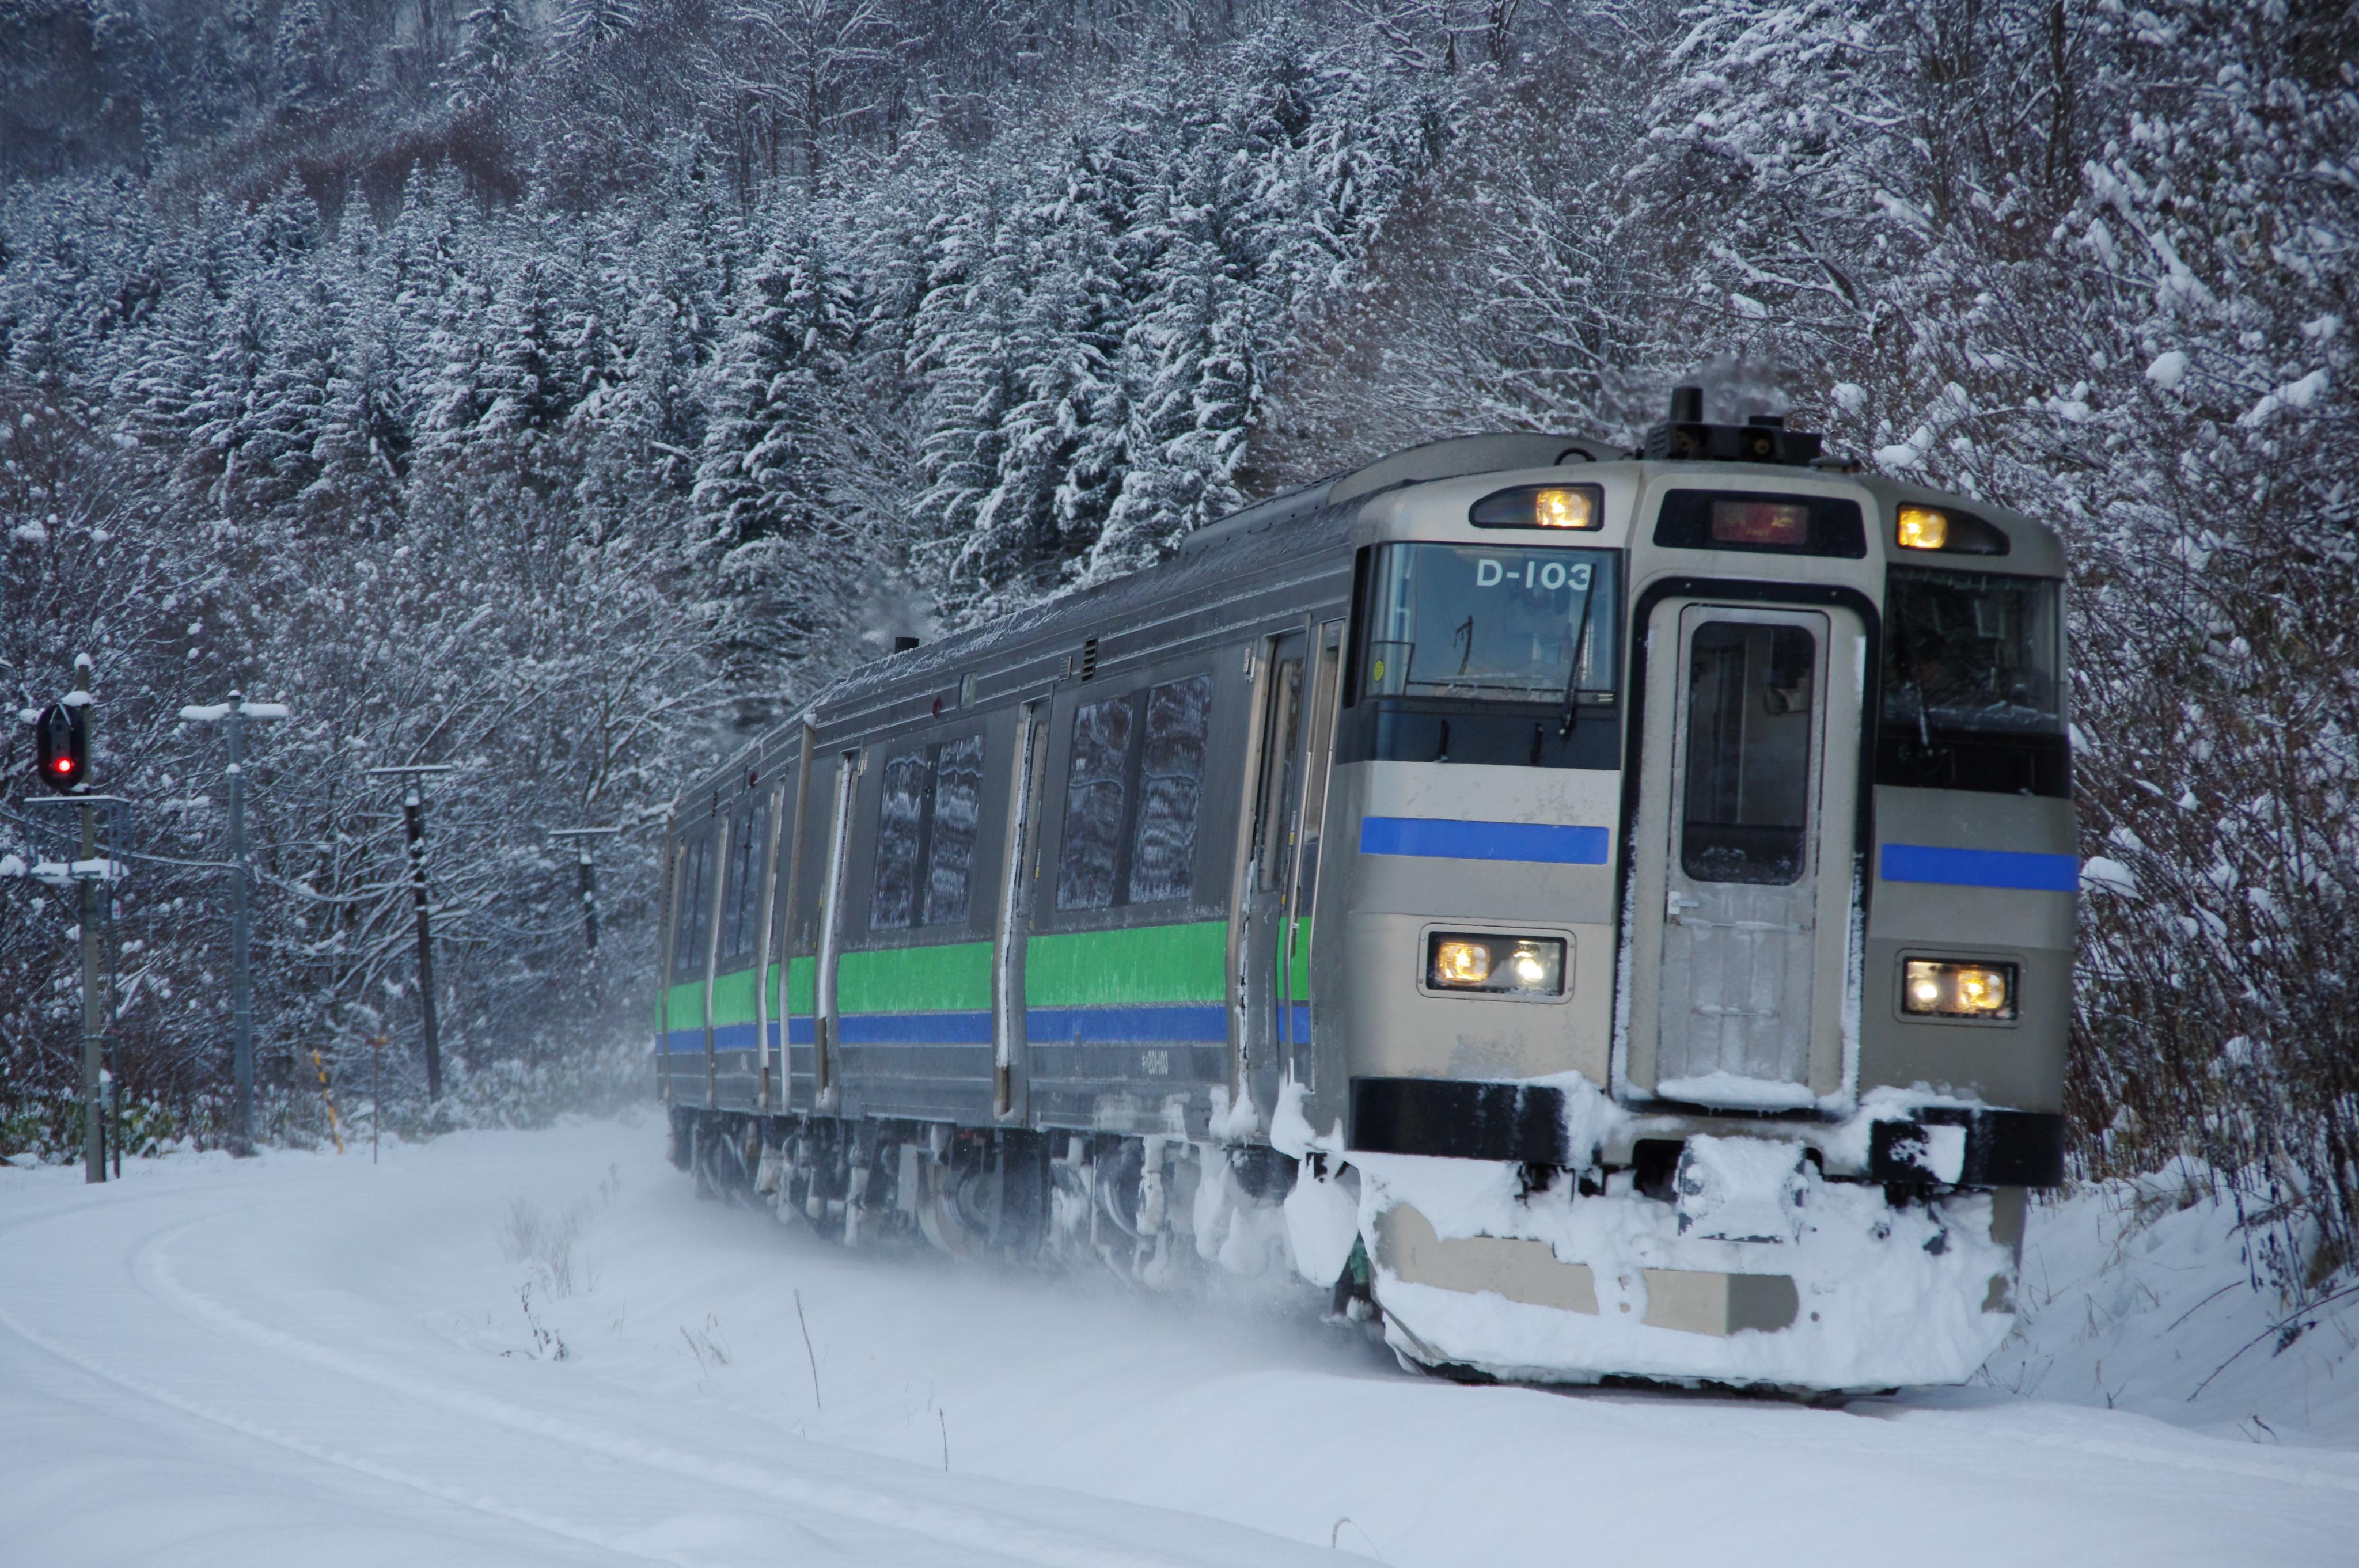 銀山駅 3925D 快速ニセコライナー_181124.jpg